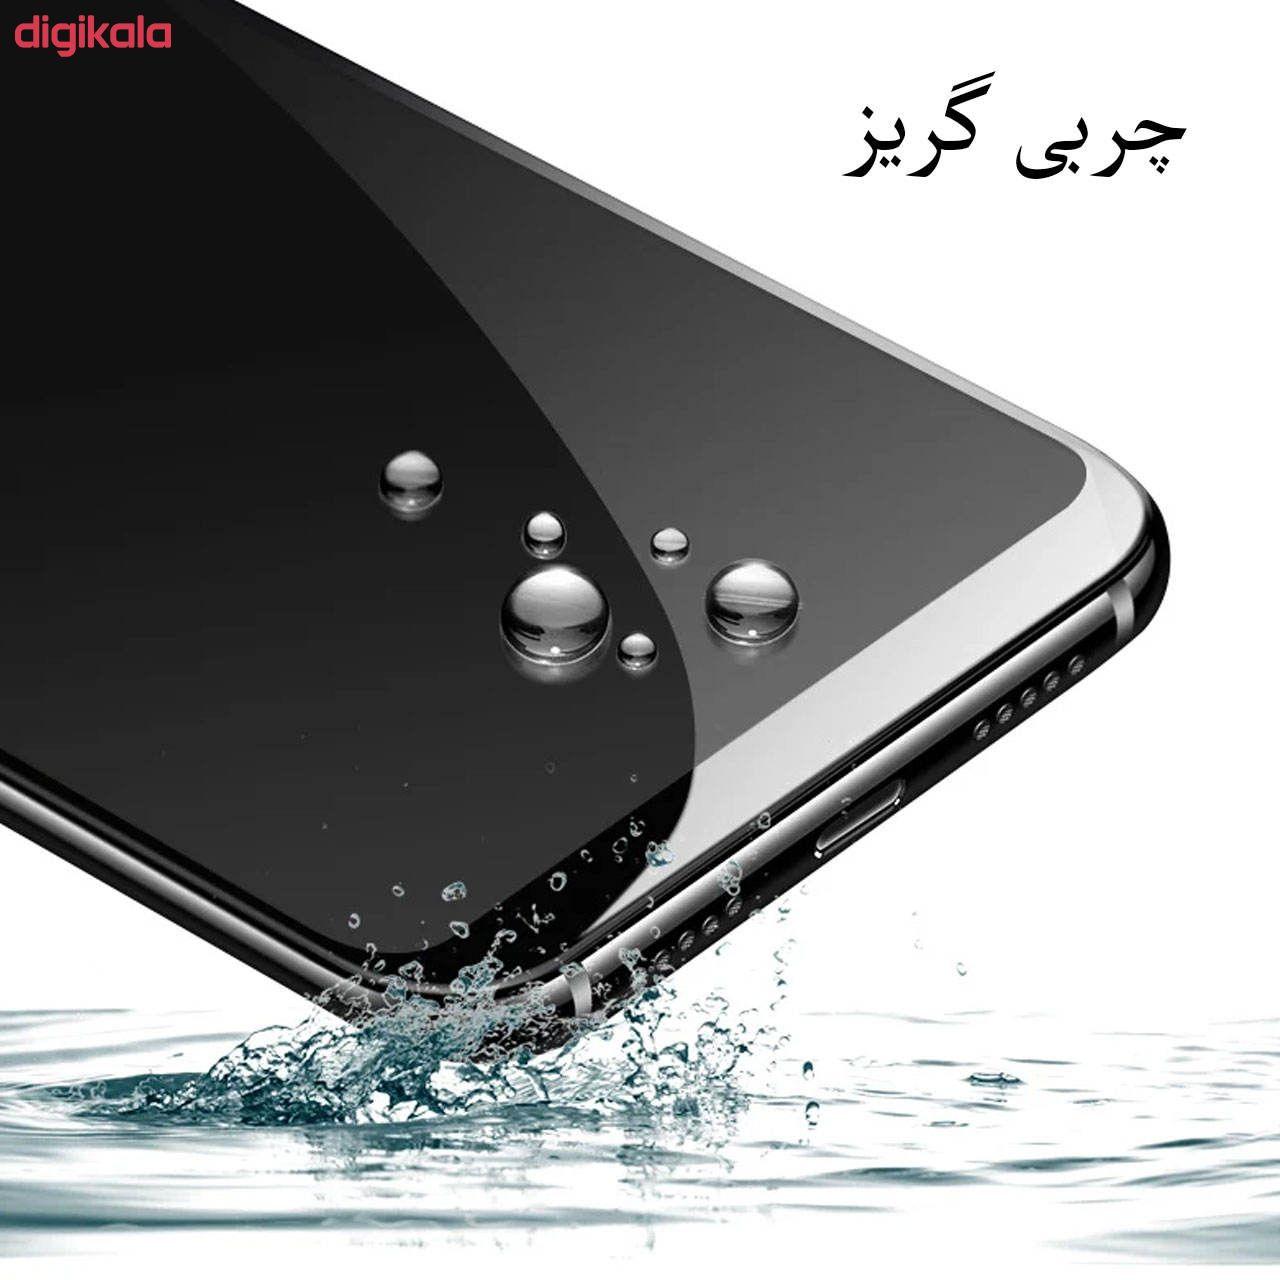 محافظ صفحه نمایش مدل FG-01 مناسب برای گوشی موبایل سامسونگ Galaxy J7 2015 main 1 4